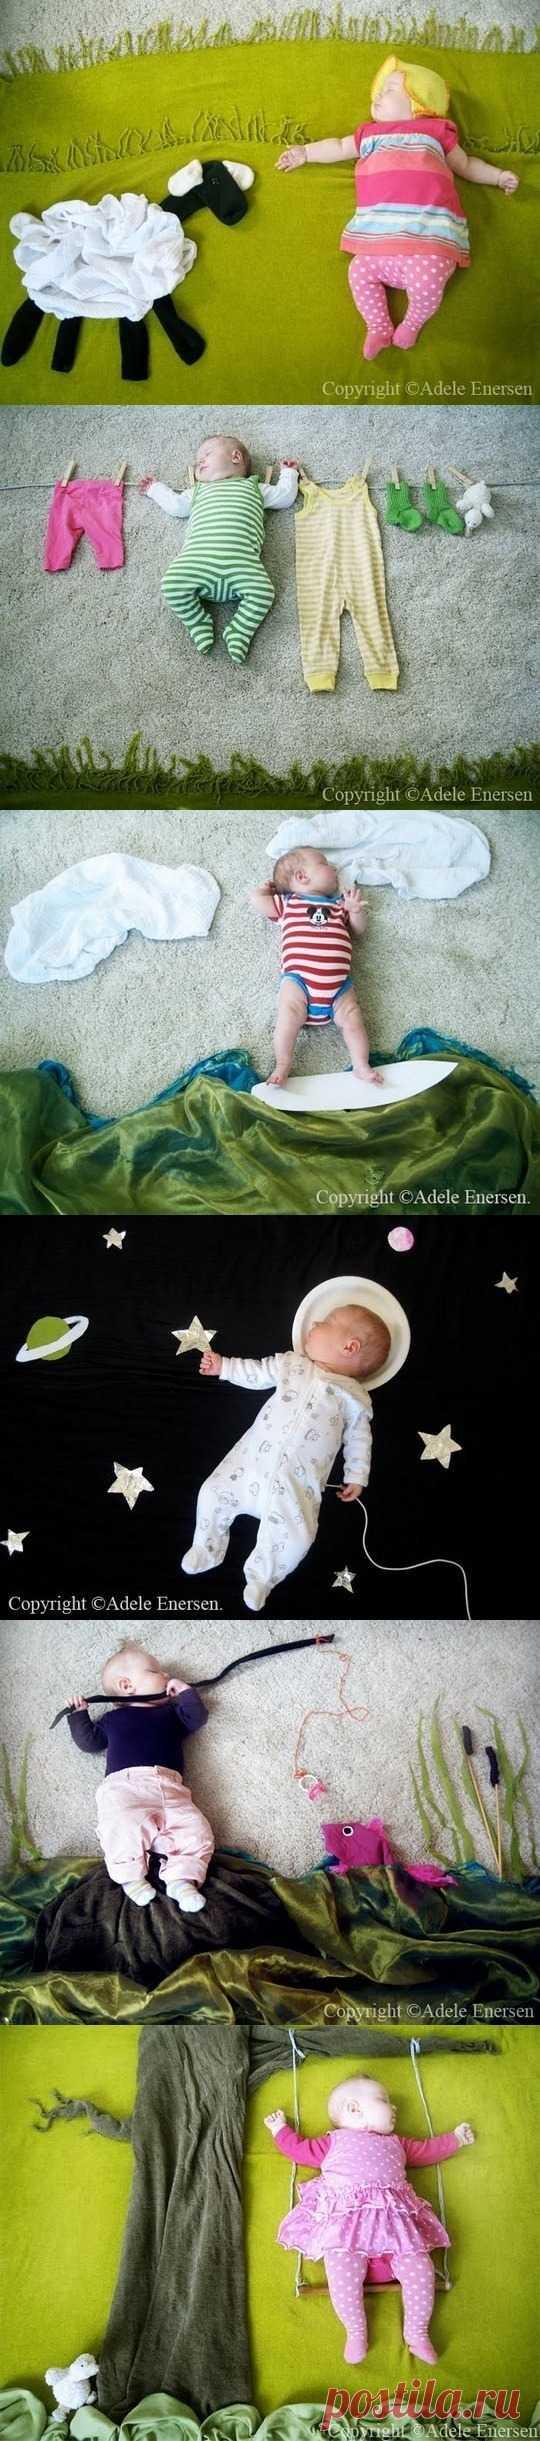 Великолепные фото спящей малышки – спешите запечатлеть своих крох!